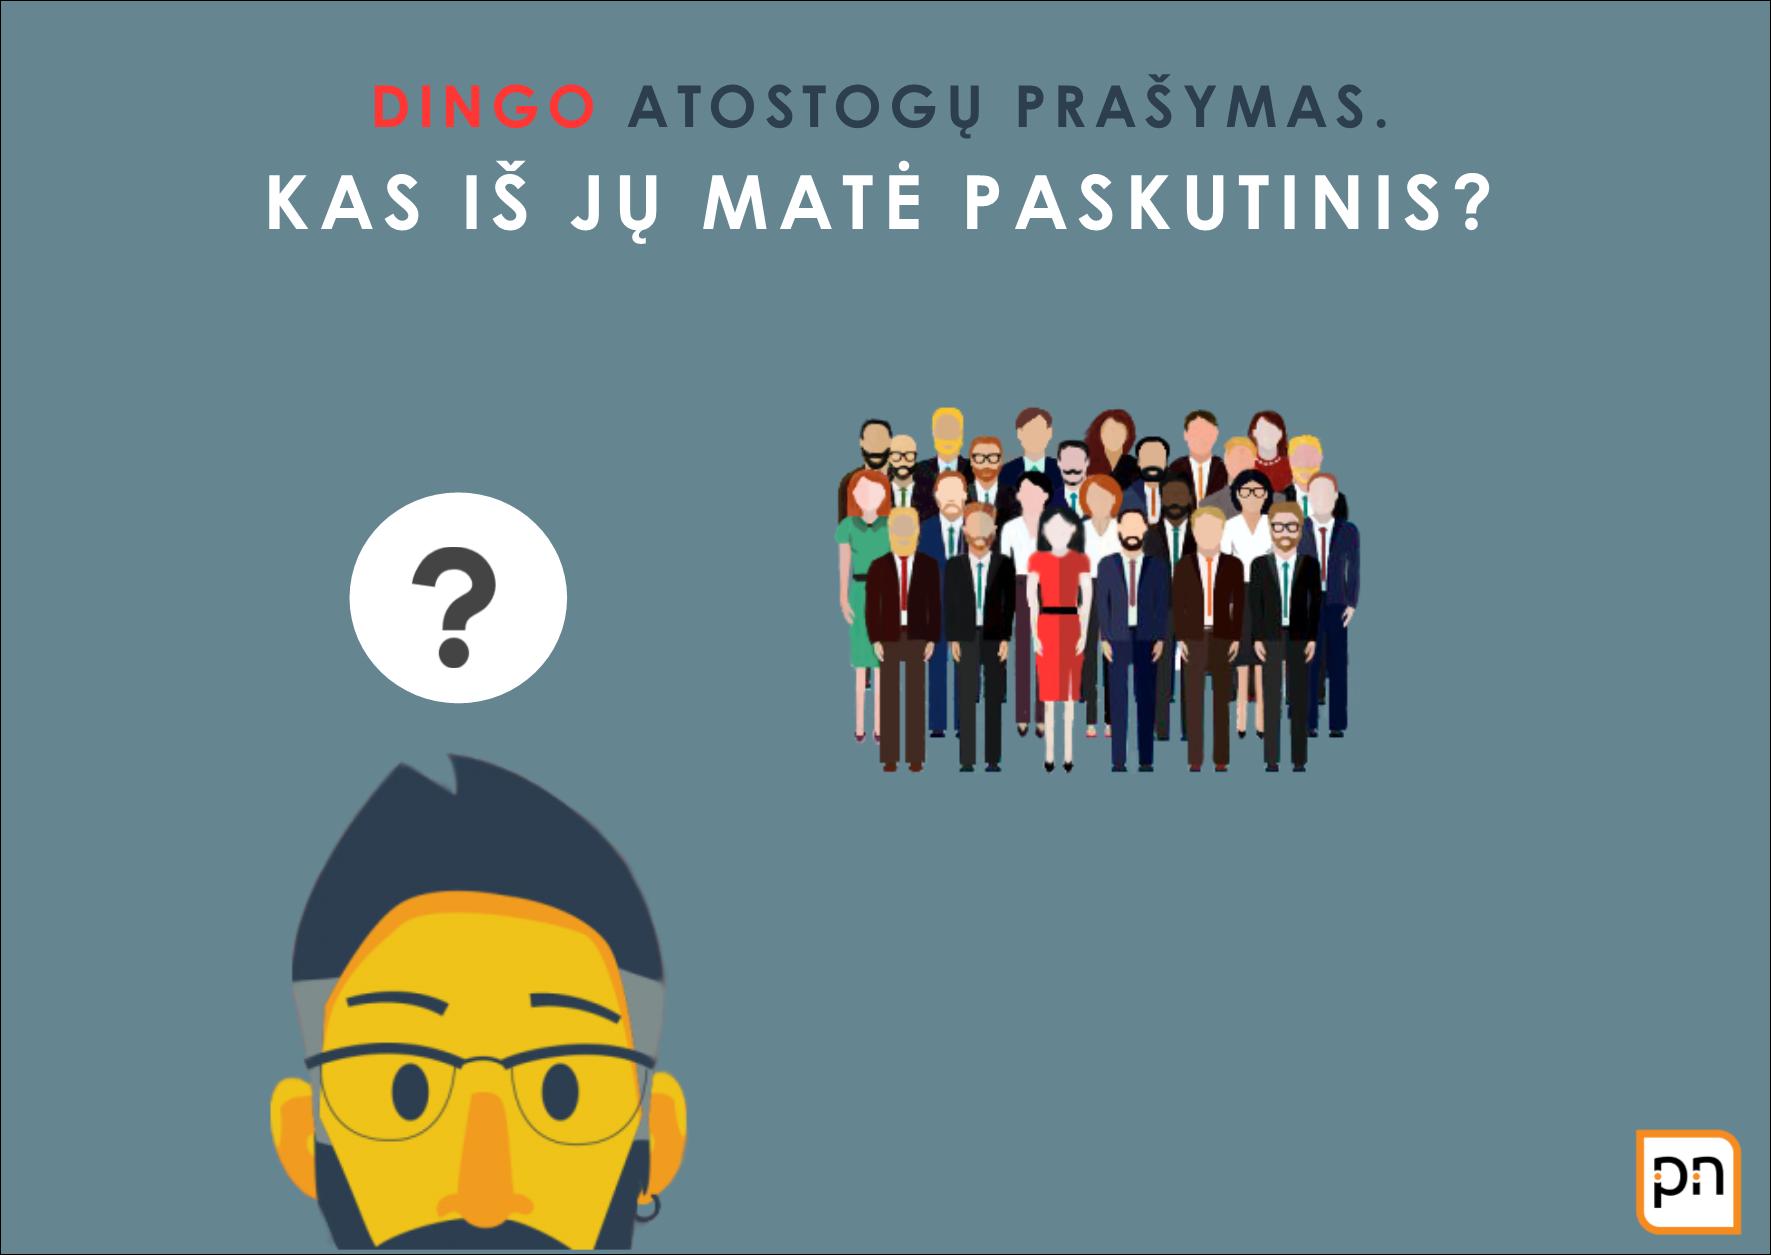 DINGO_ATOSTOGU_PRASYMAS-RED_F_3.png